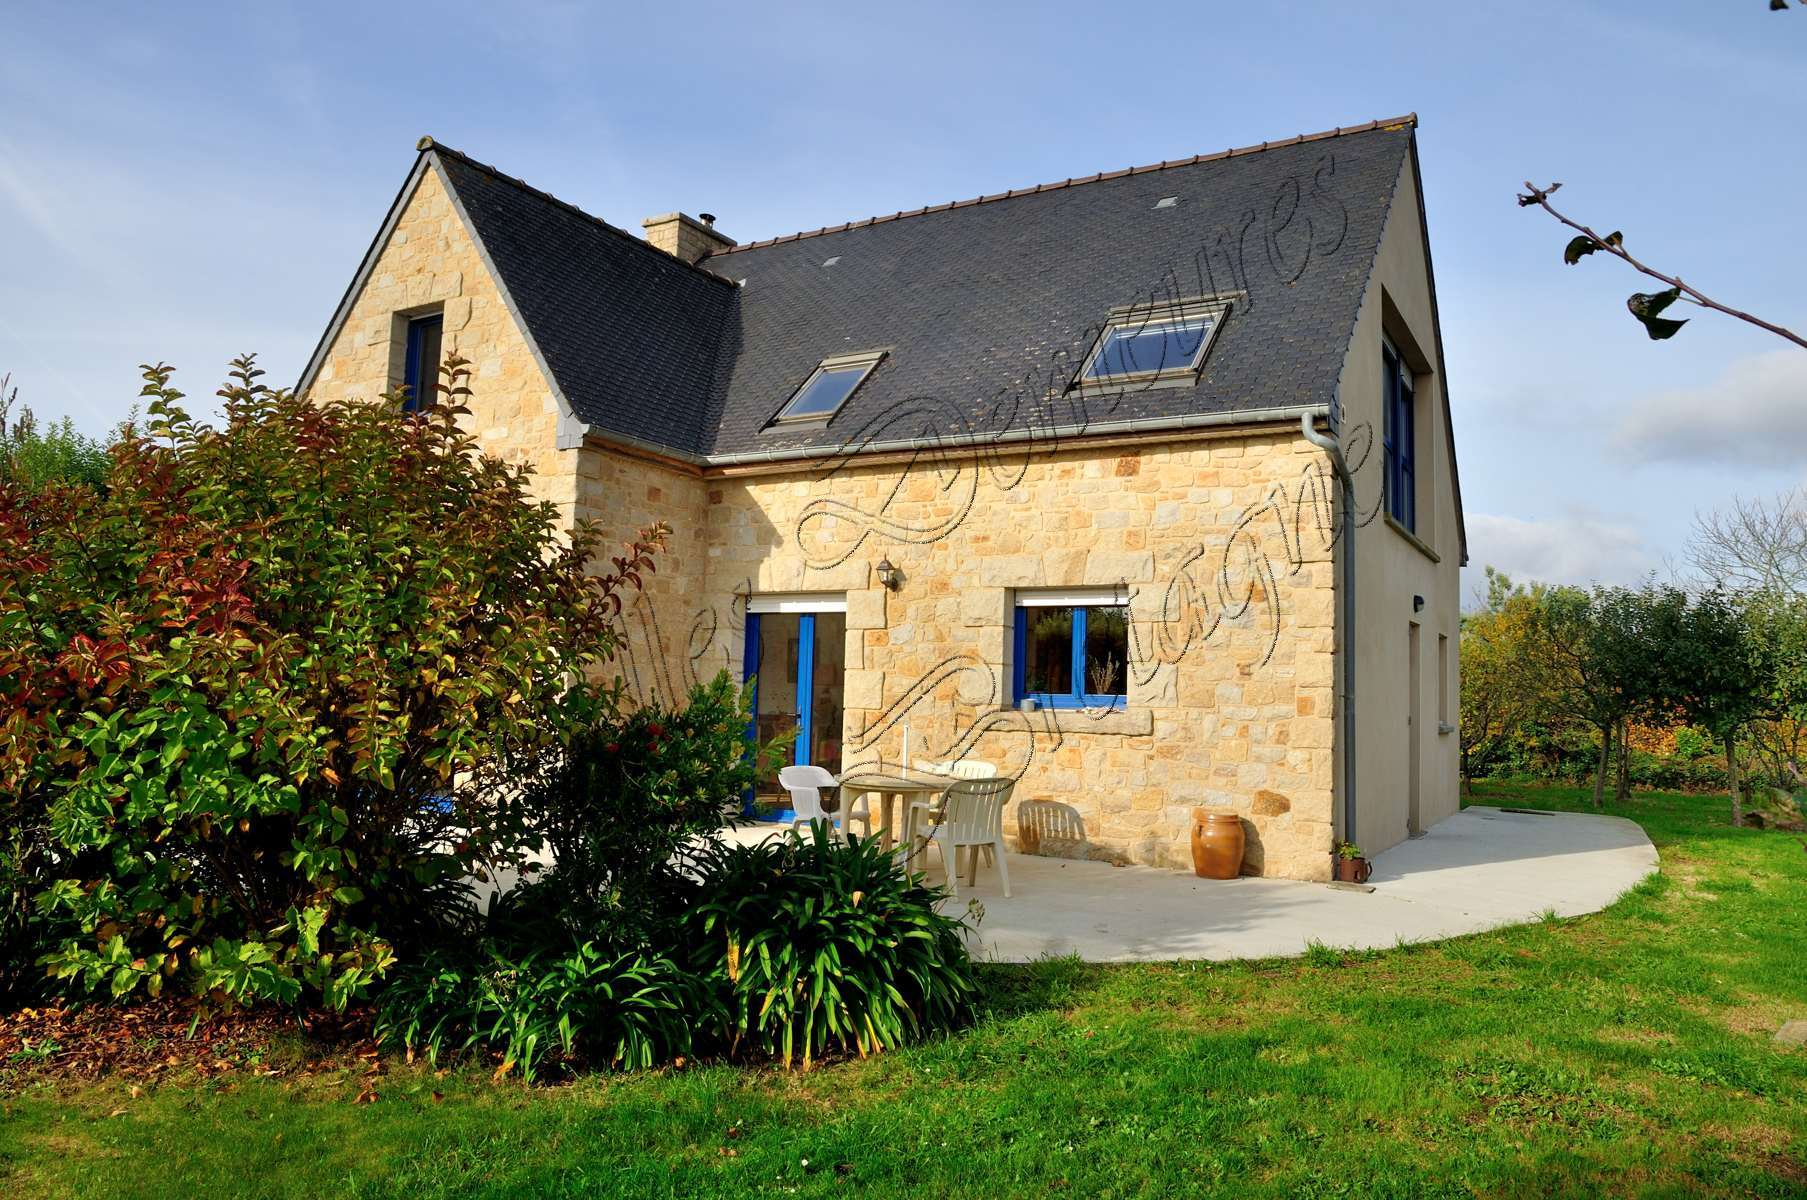 Huis Modern Huis : Te koop modern huis in de buurt van de kust côtes darmor bretagne